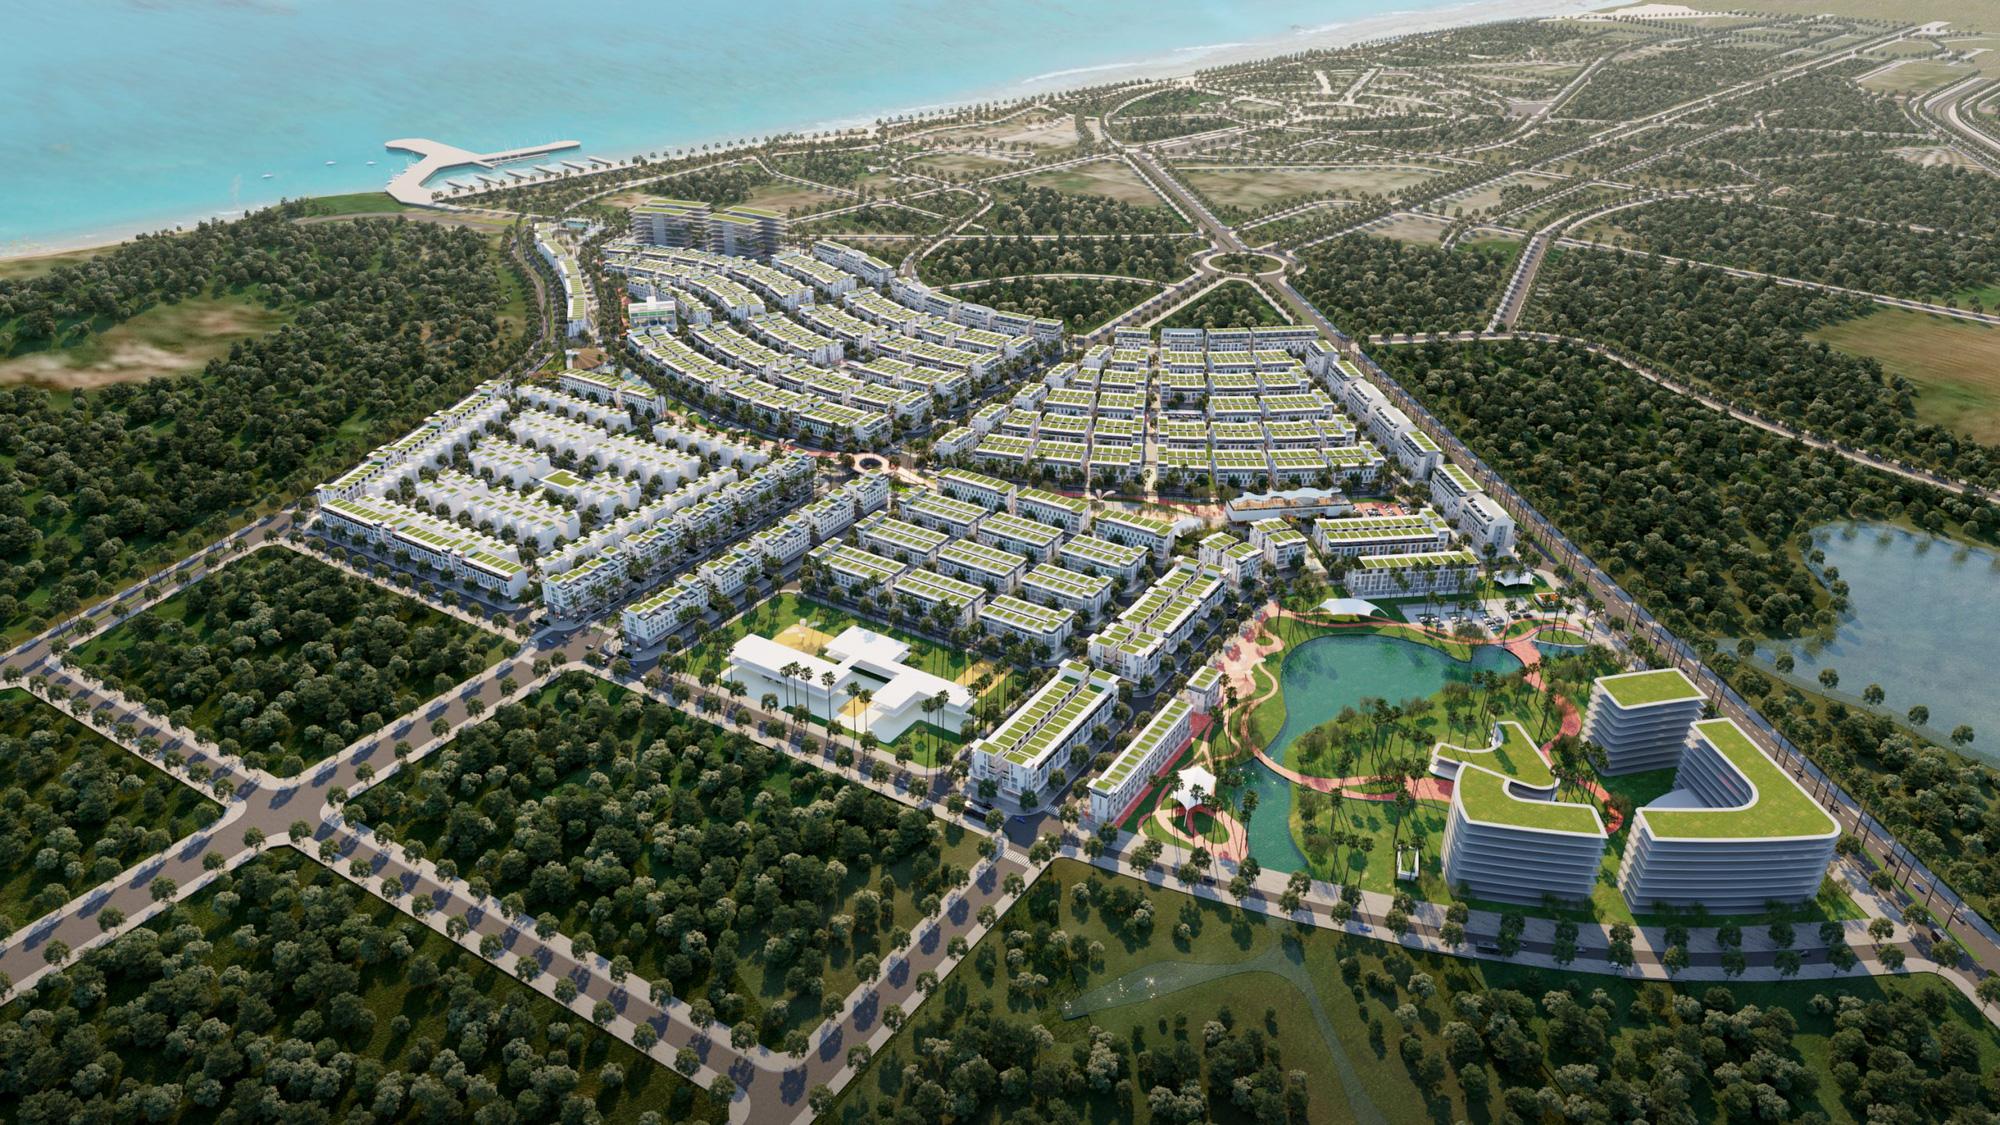 Xây dựng Hòa Bình trúng thầu dự án do Tân Á Đại Thành làm chủ đầu tư - Ảnh 1.